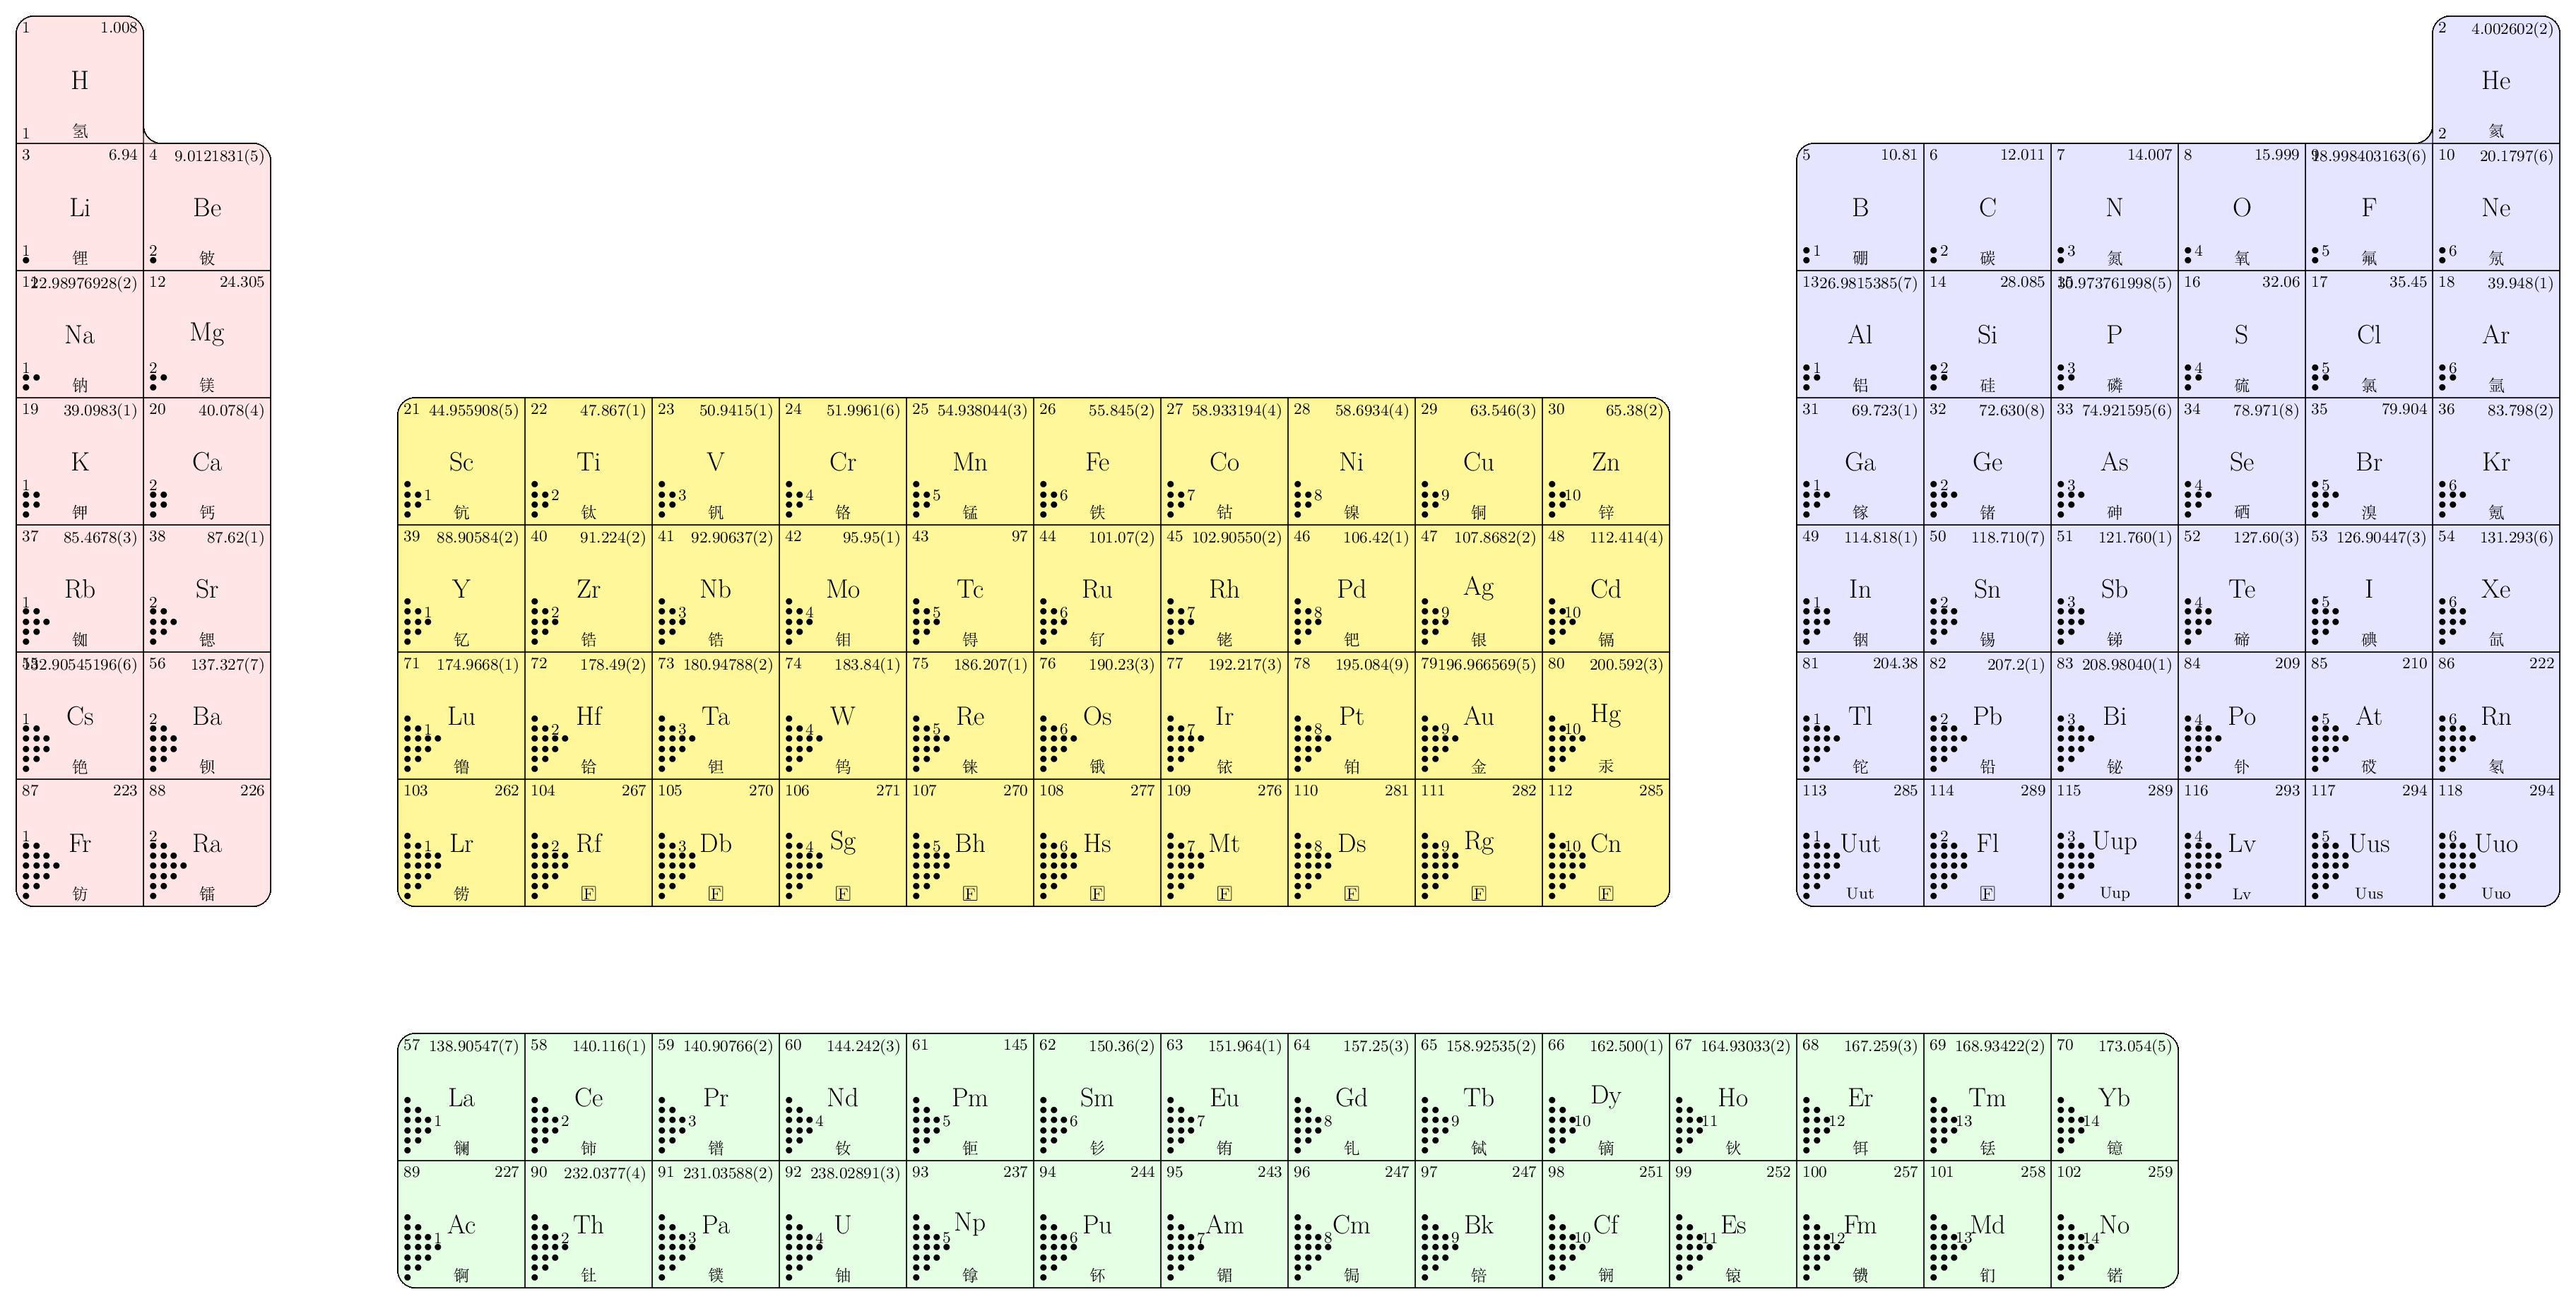 基于數據文件的元素周期表TikZ畫法